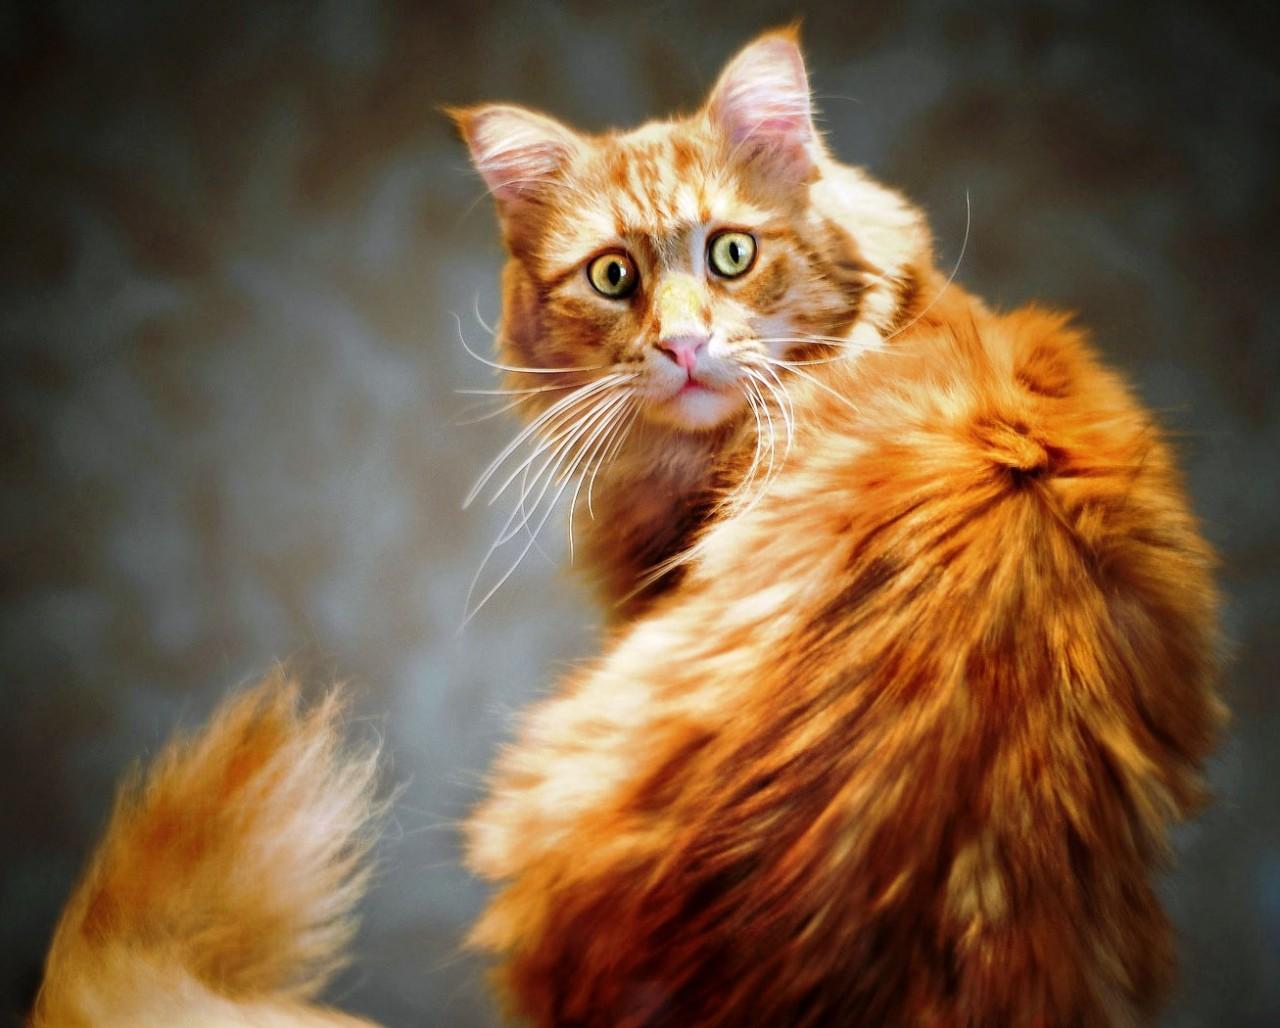 Война с котом. Или как я пыталась обезопасить себя от кошачьего терроризма…